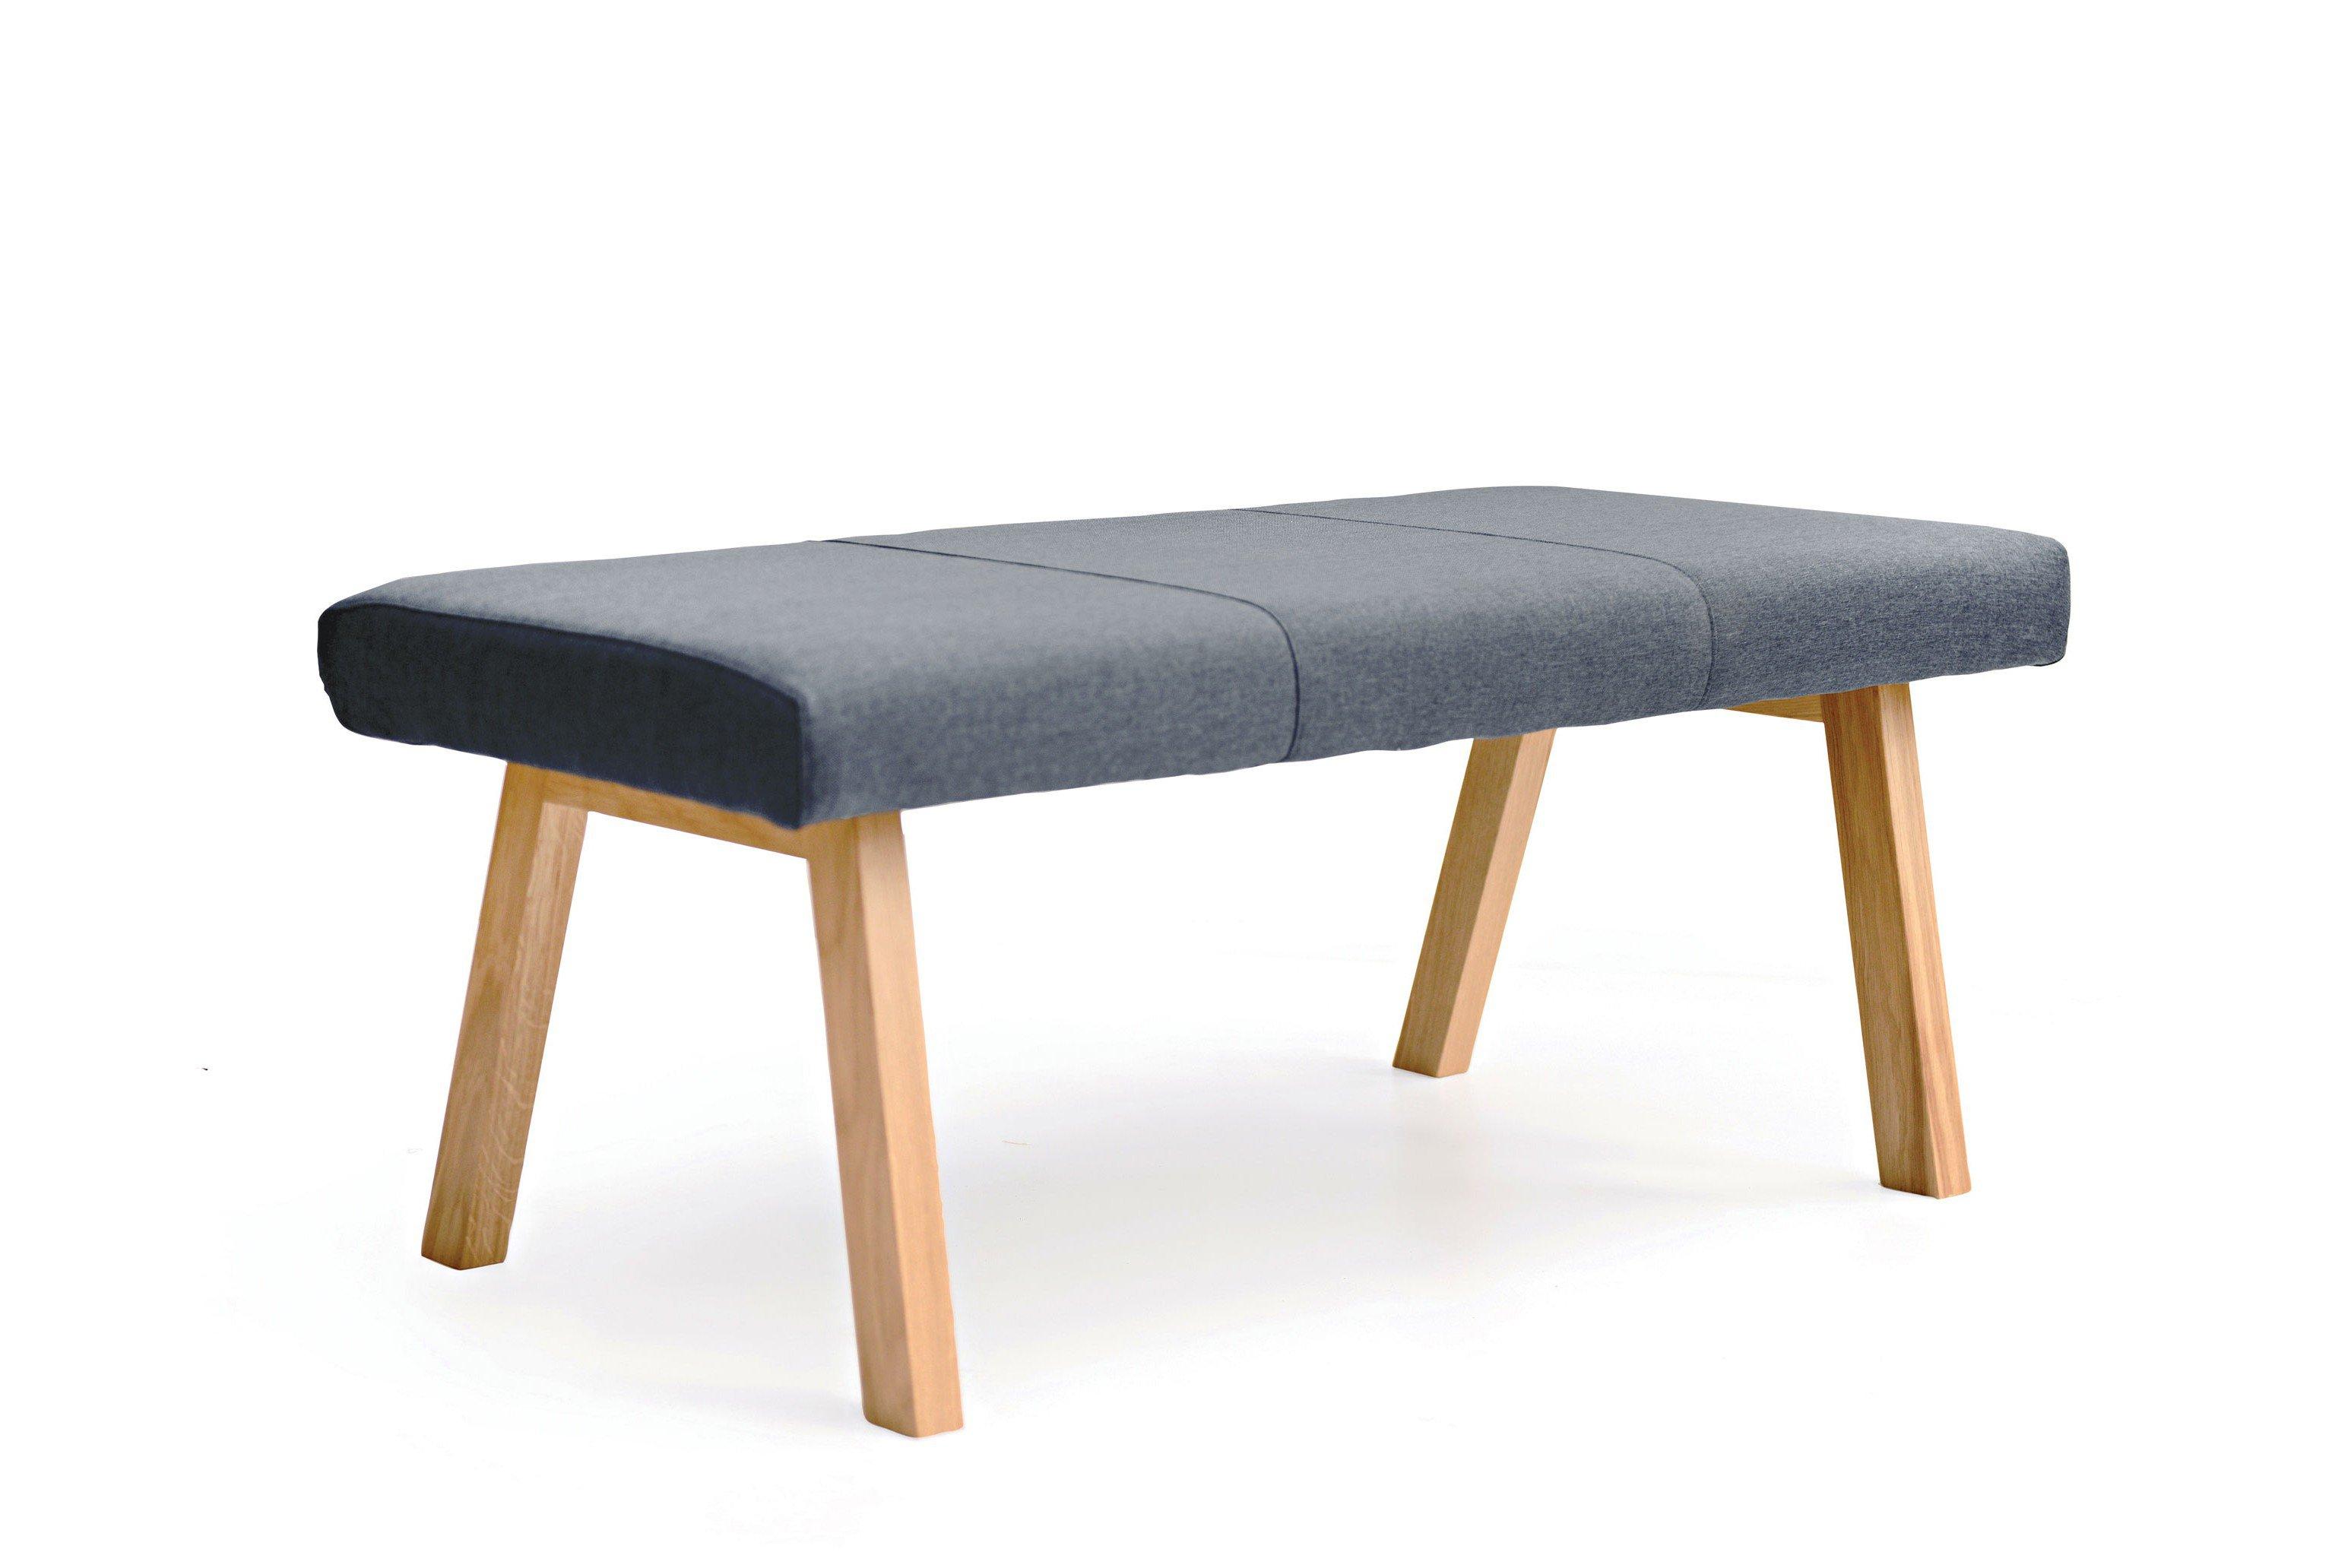 Standard Furniture Bank Konstanz Grau Mit Holzgestell Möbel Letz